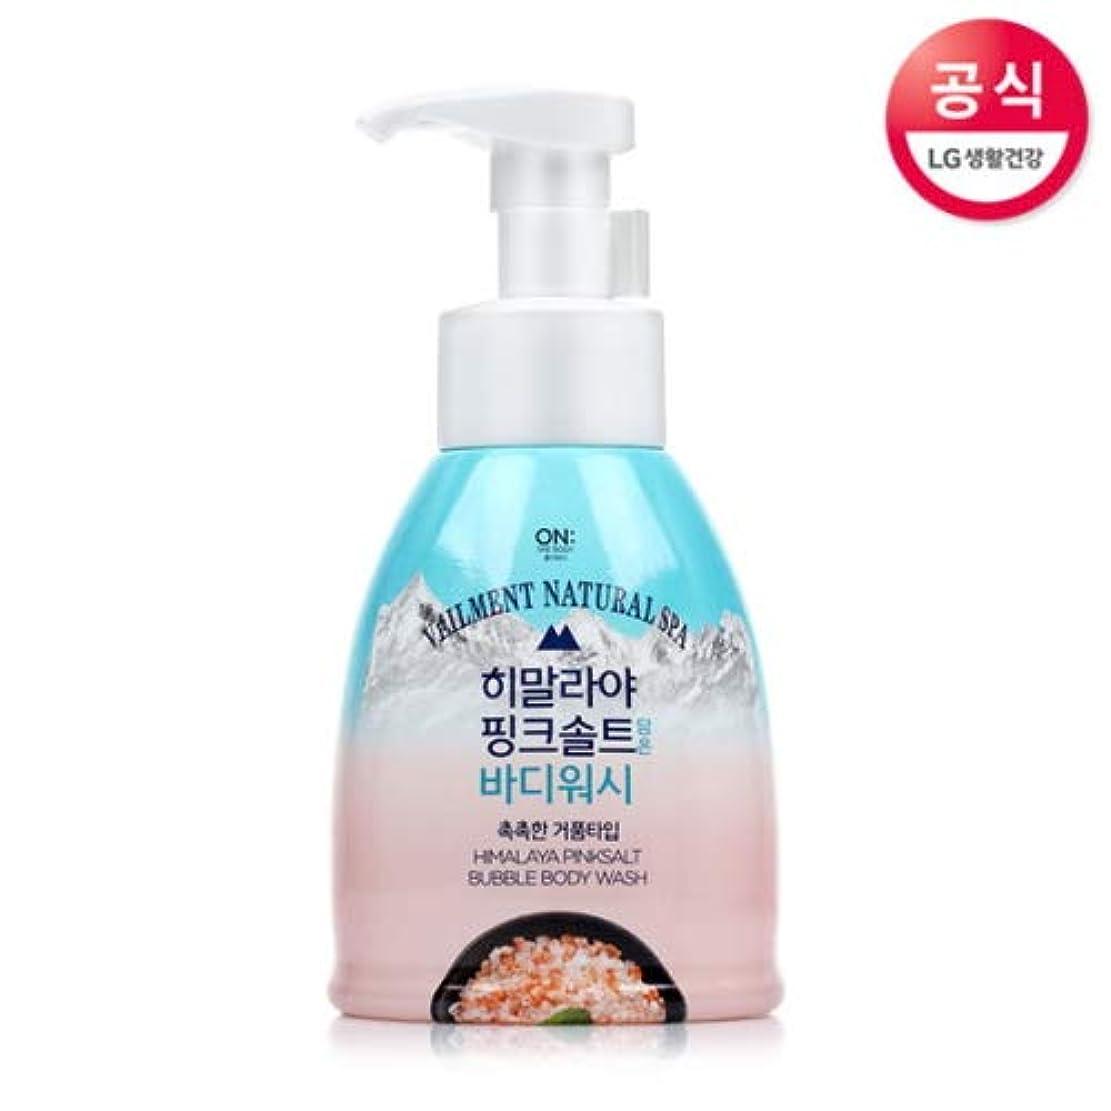 クスクスもつまらない[LG HnB] On the Body Himalayan Pink Salt Bubble Body Cleanser/オンザボディヒマラヤピンクソルト、バブルボディクレンザー 540ml x1個(海外直送品)